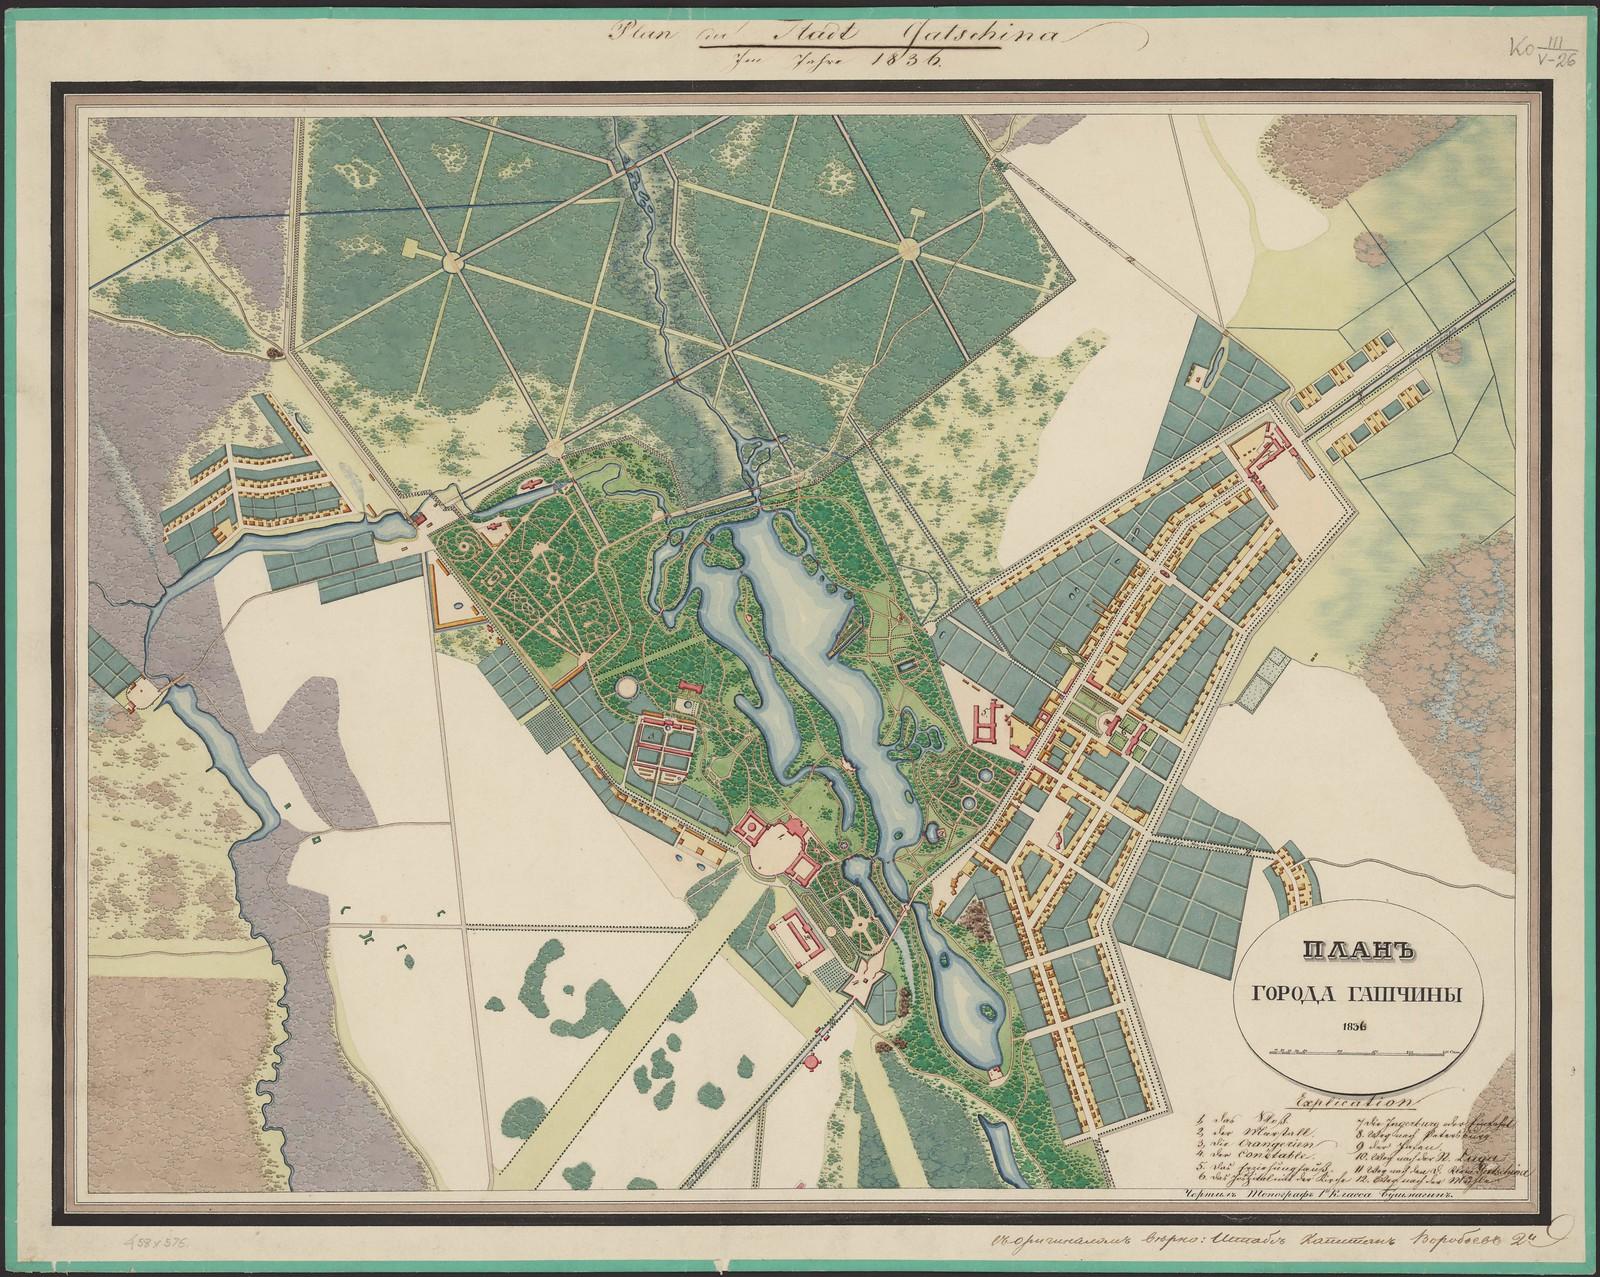 1836. План города Гатчины